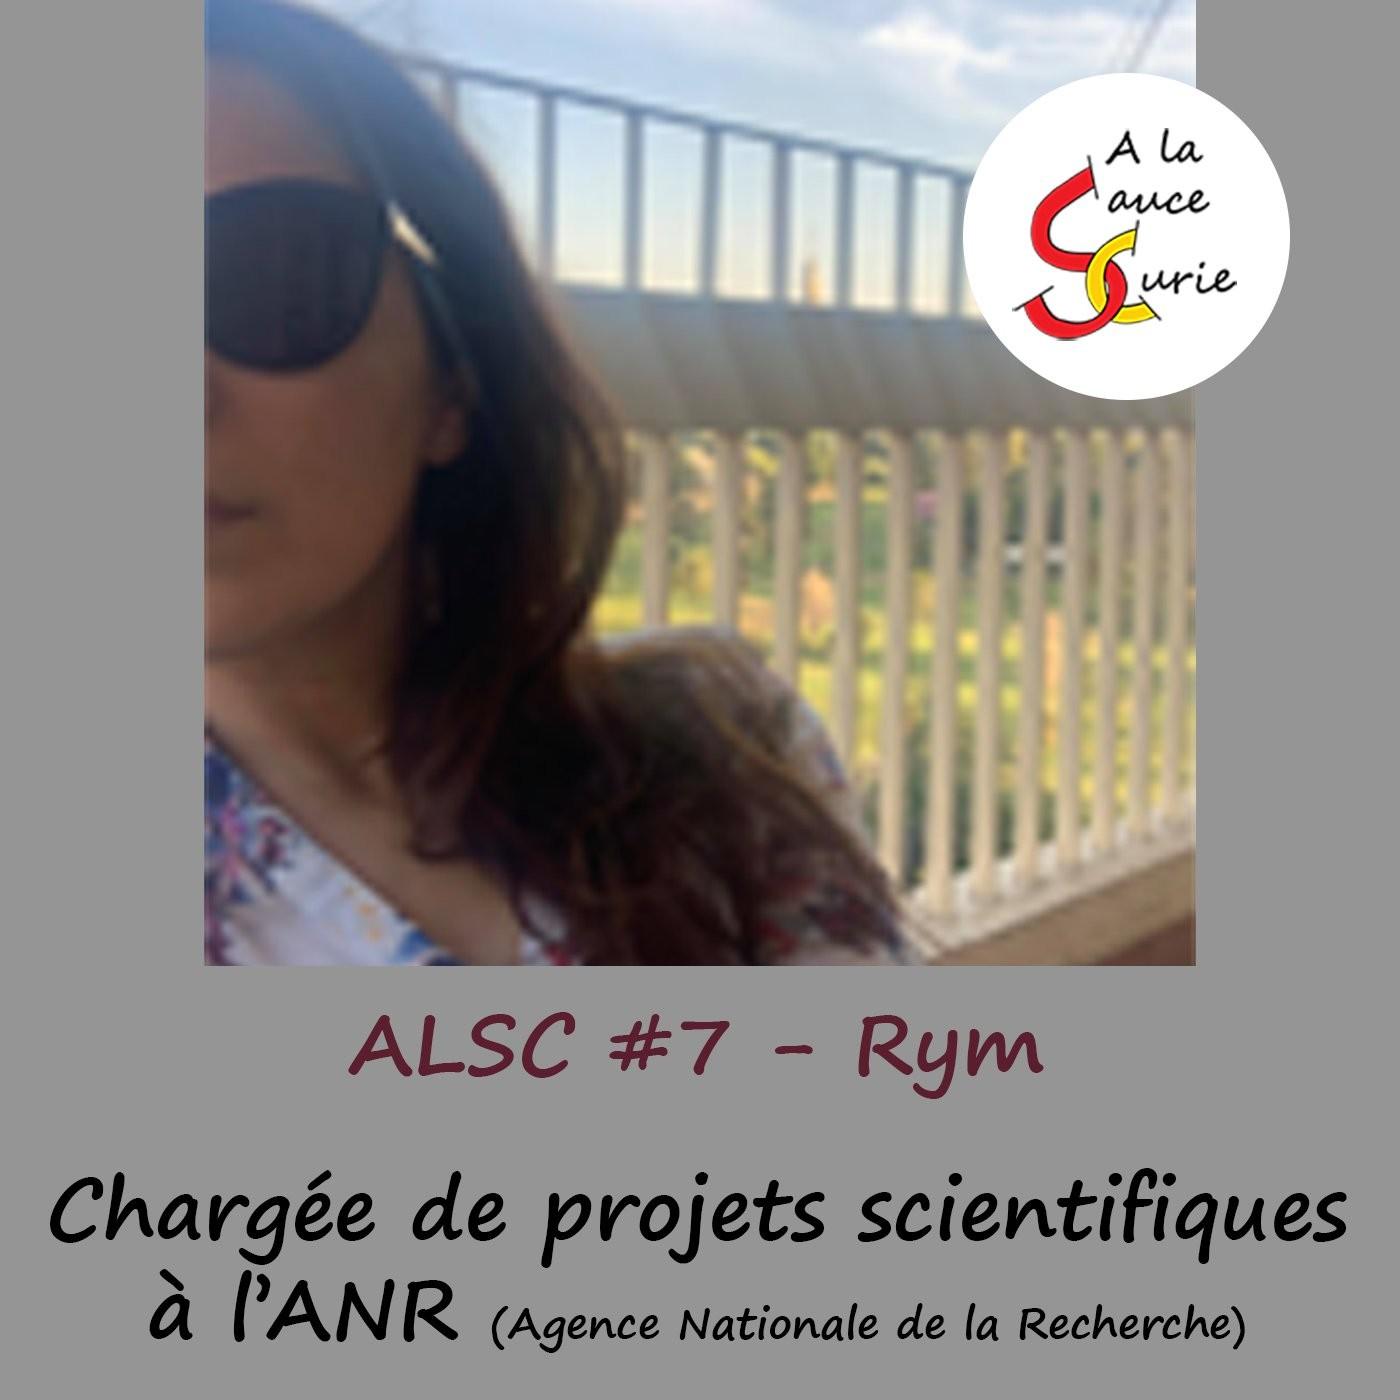 Rym, Chargée de projets scientifiques à l'ANR [ALSC S01E07]